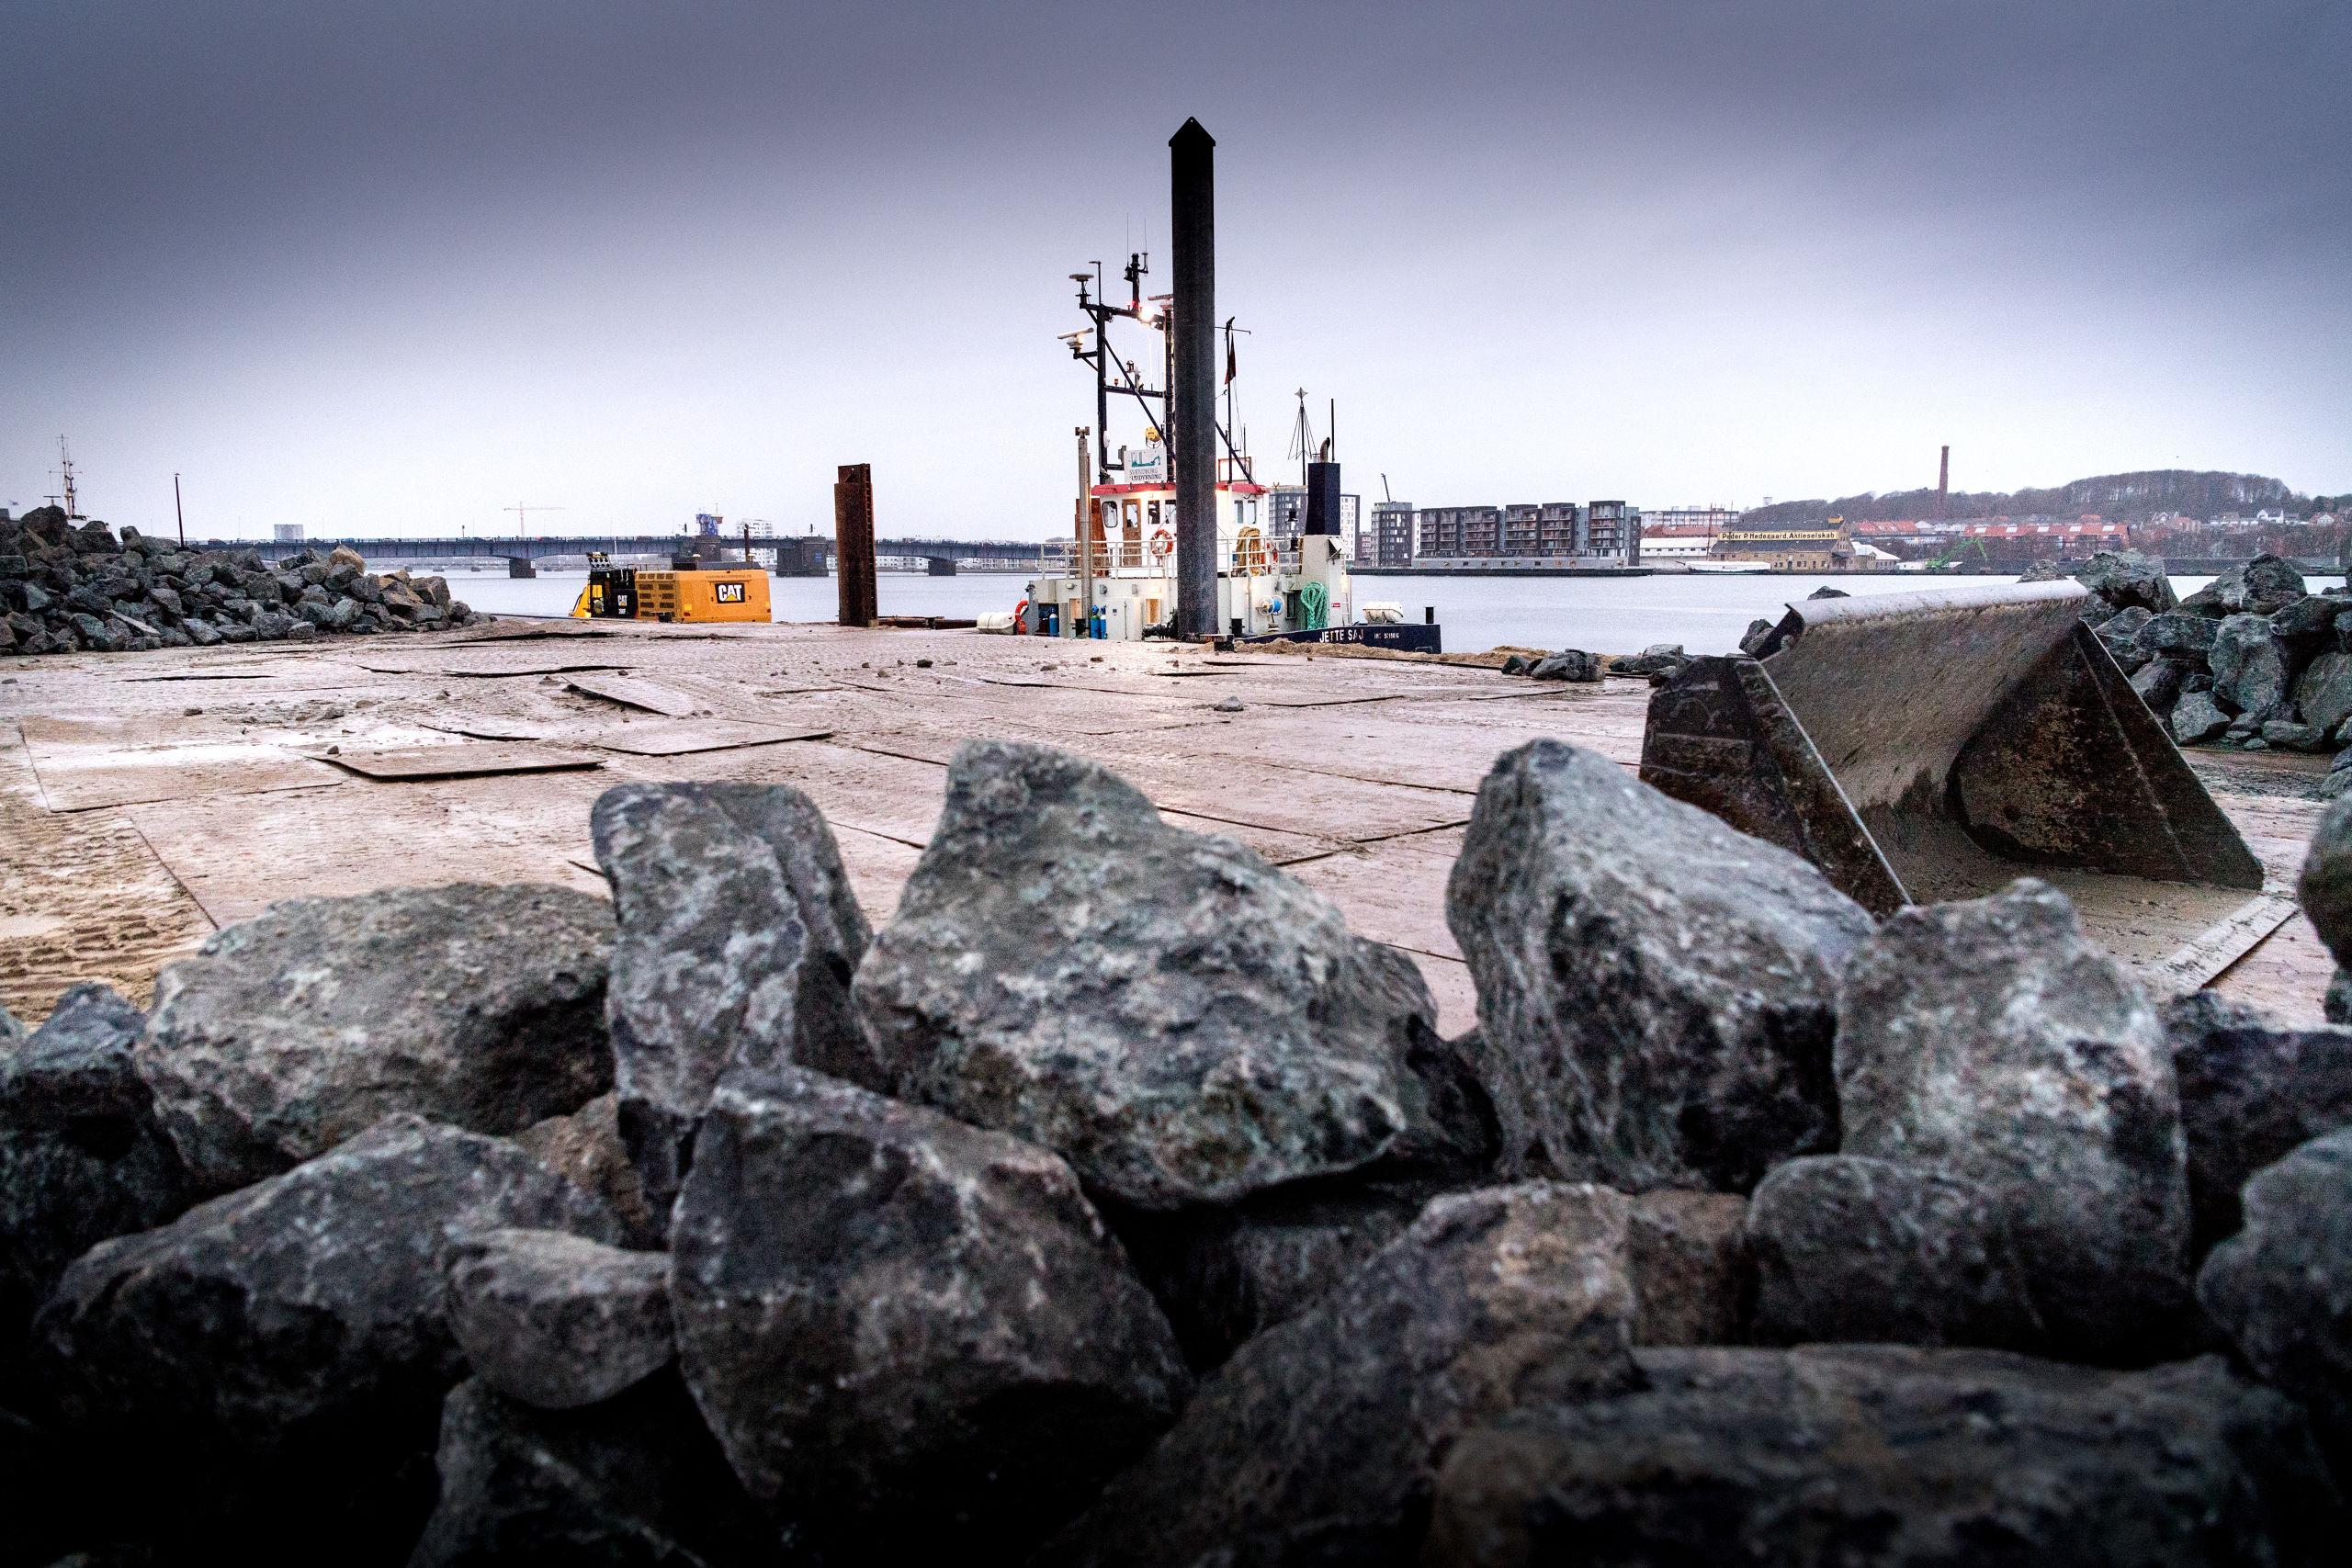 De kæmpestore norske granitsten på Honnørkajen har med rette vakt opsigt blandt de gående på Aalborg Havn, der ivrigt har spurgt ind til formålet med dyngerne. Foto: Torben Hansen